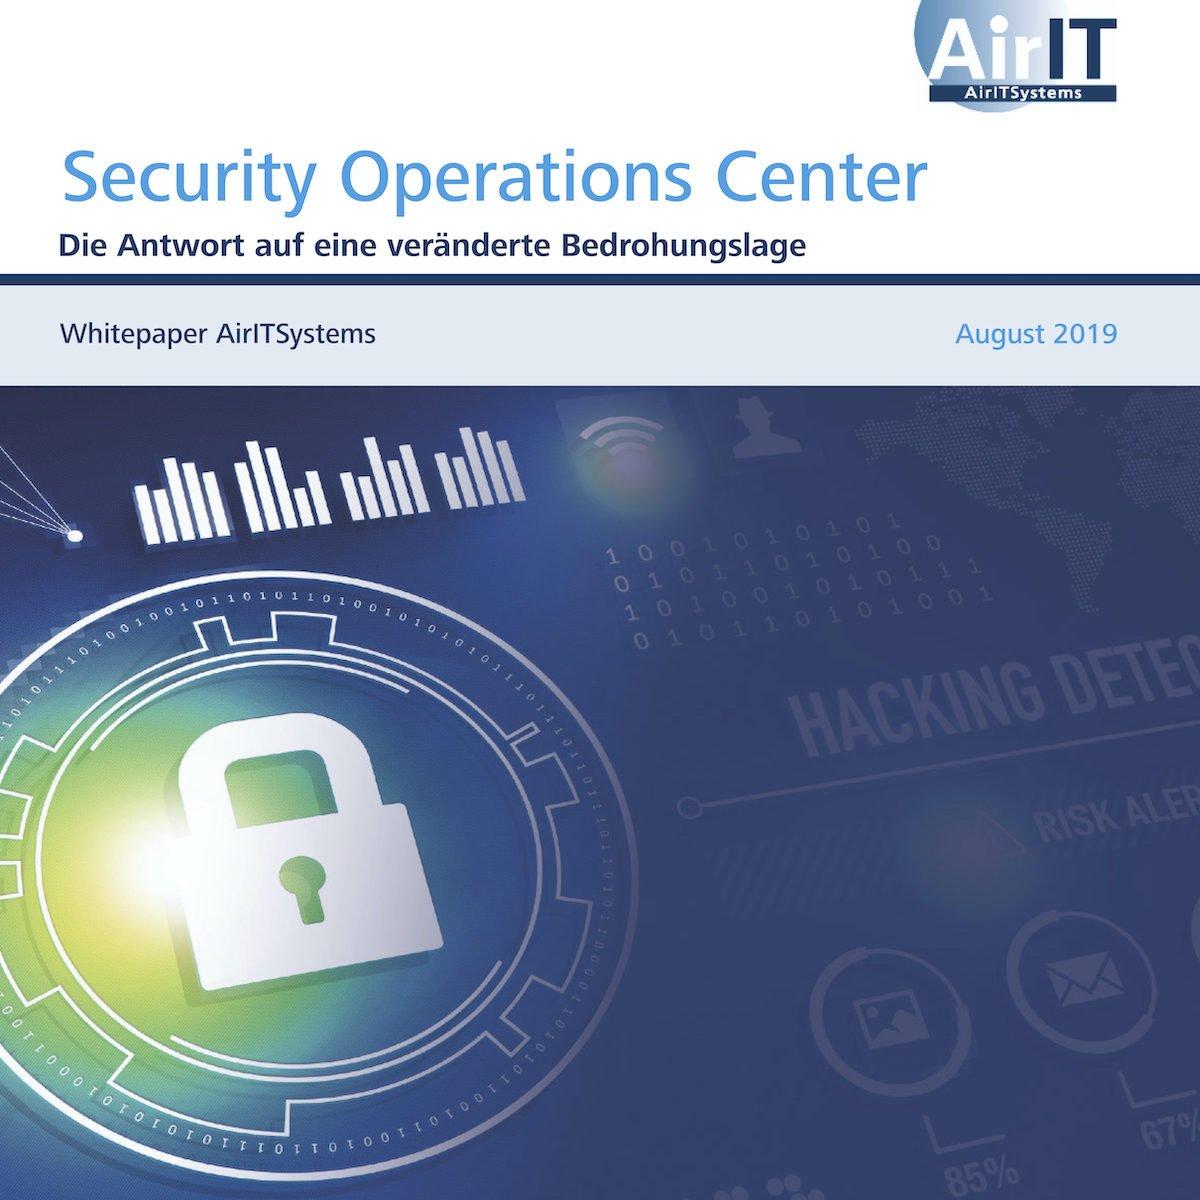 IT-SicherheitEin schlagkräftiges Security Operations Center ist machbar